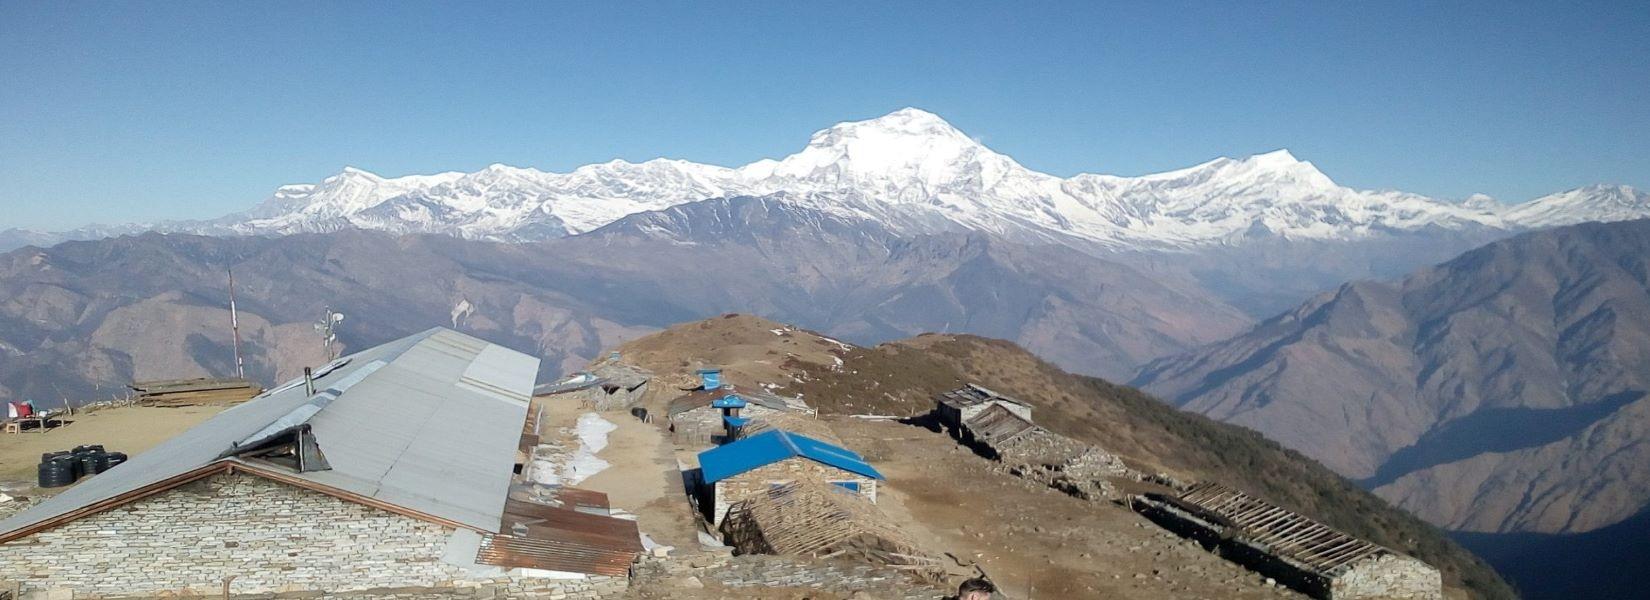 Khopra danda Ridge Trekking